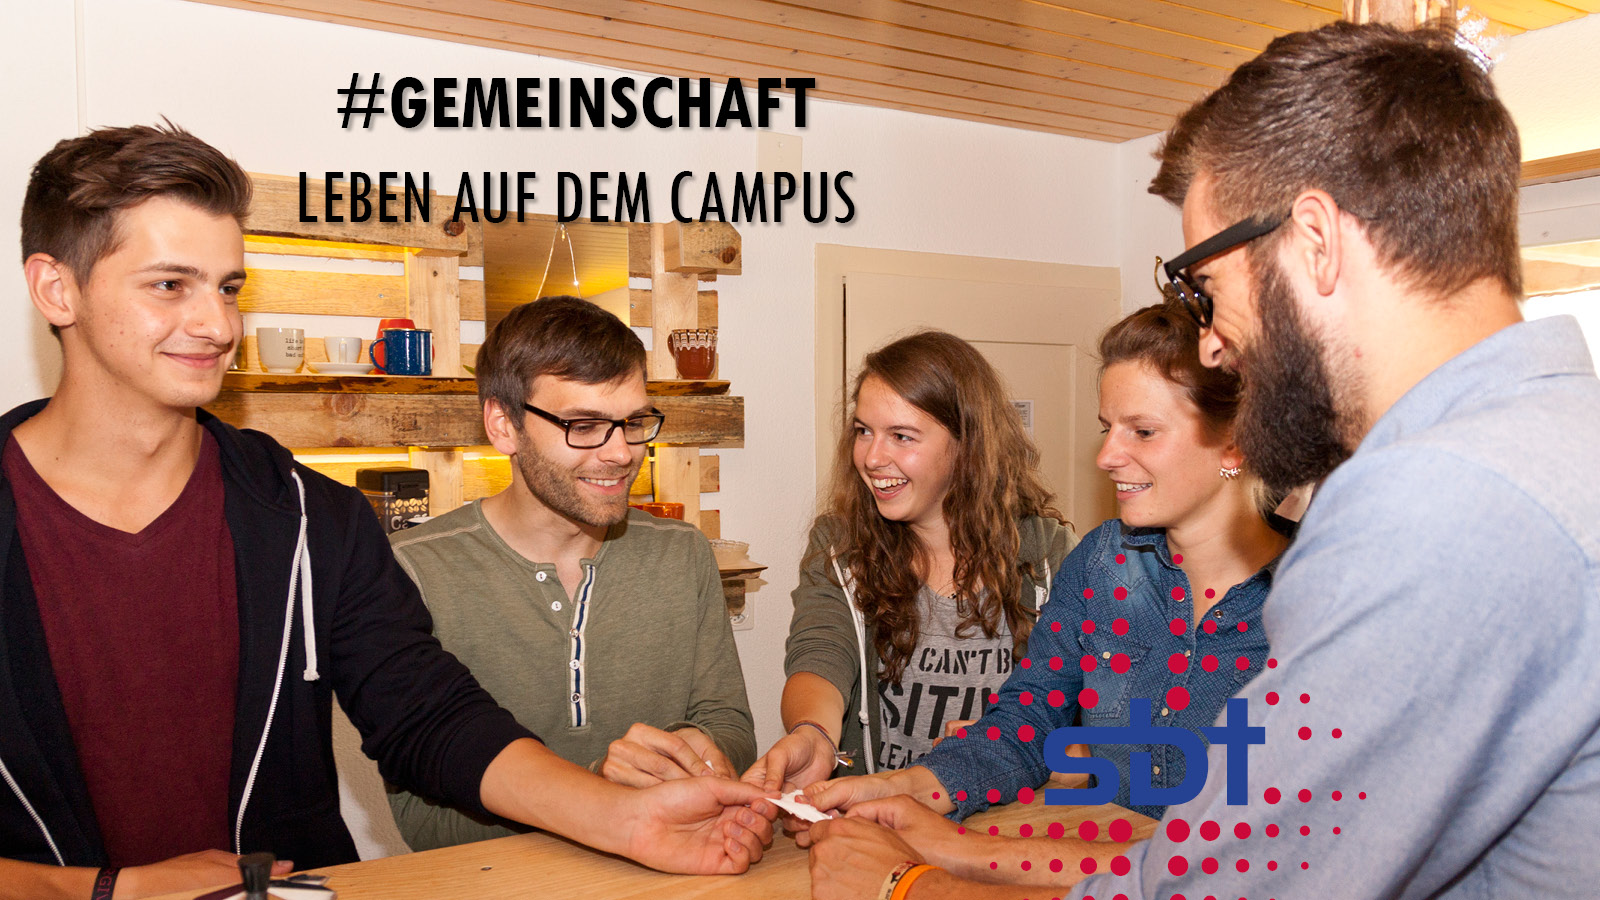 Studierende haben Gemeinschaft auf dem Campus